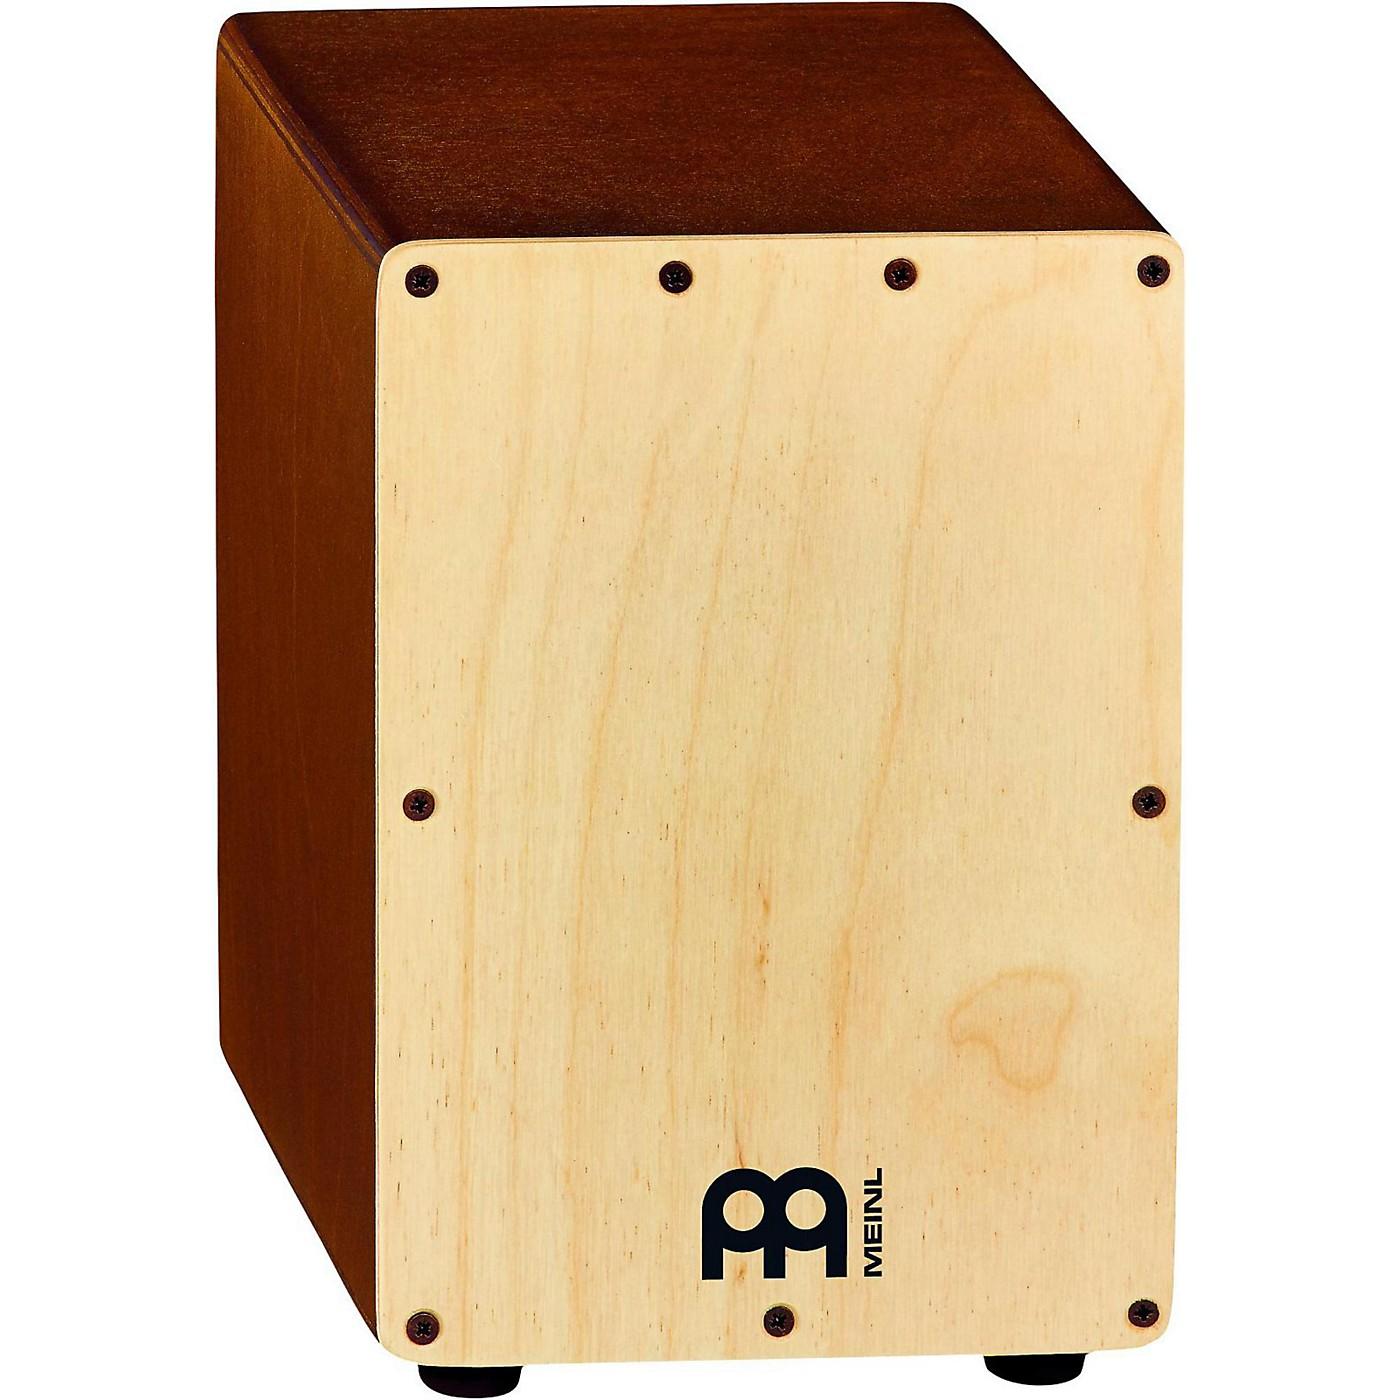 Meinl Mini Cajon with Birch Body thumbnail